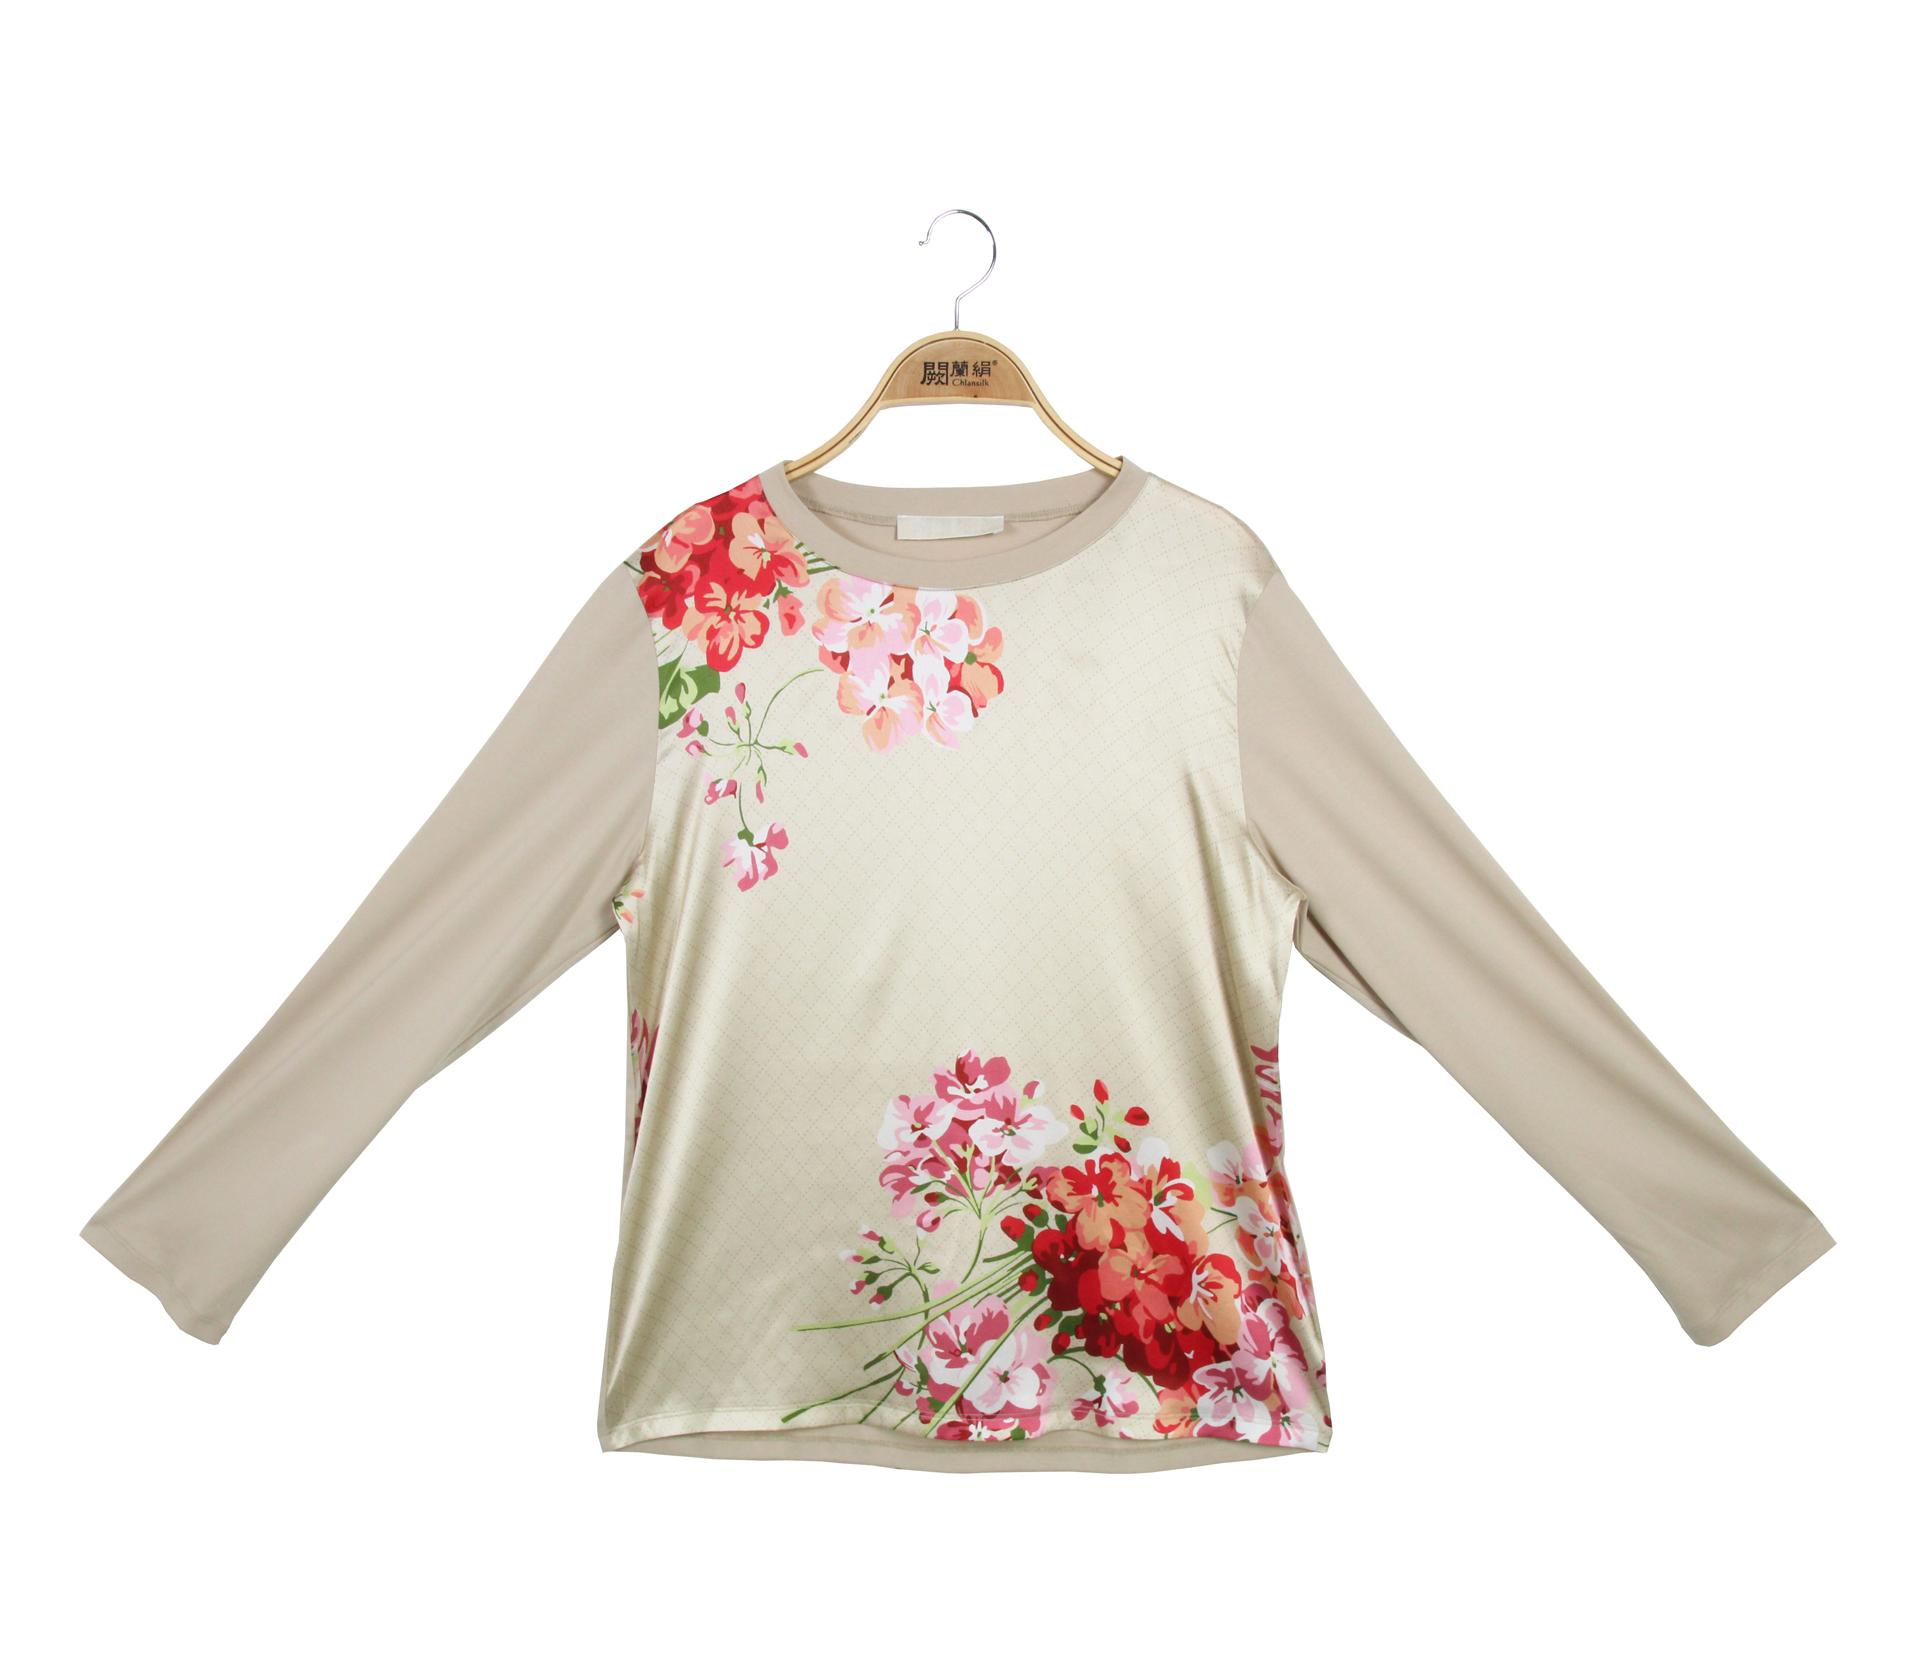 闕蘭絹浪漫花朵蠶絲長袖上 - 卡其色 - 6636